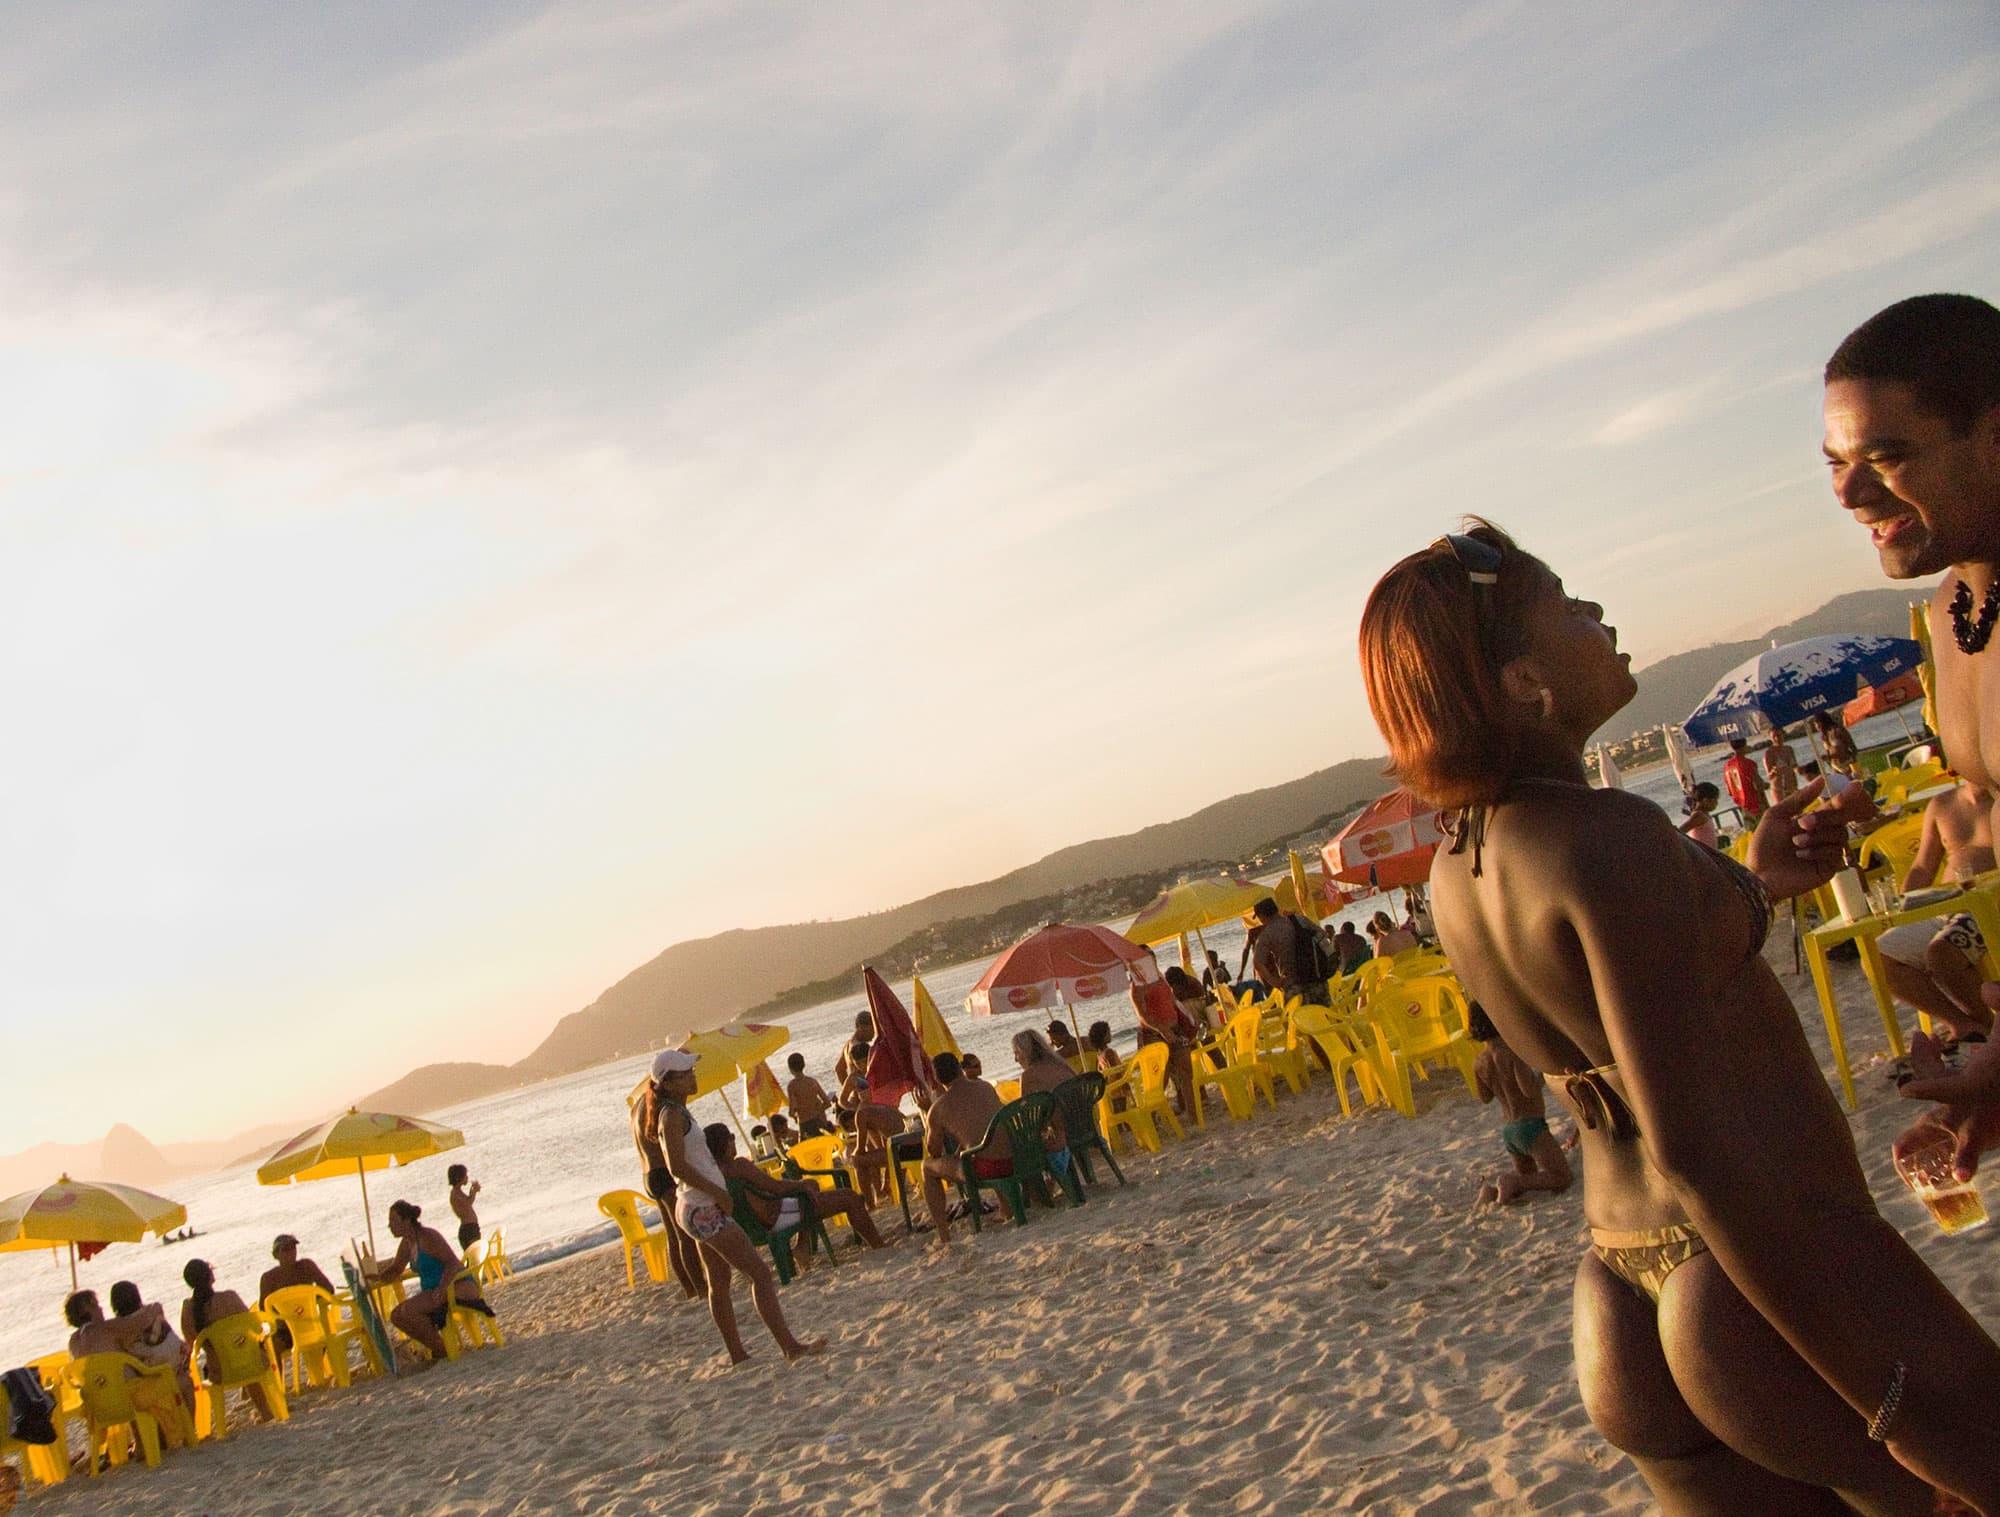 arthur-lazar-Rio-Beach-2009